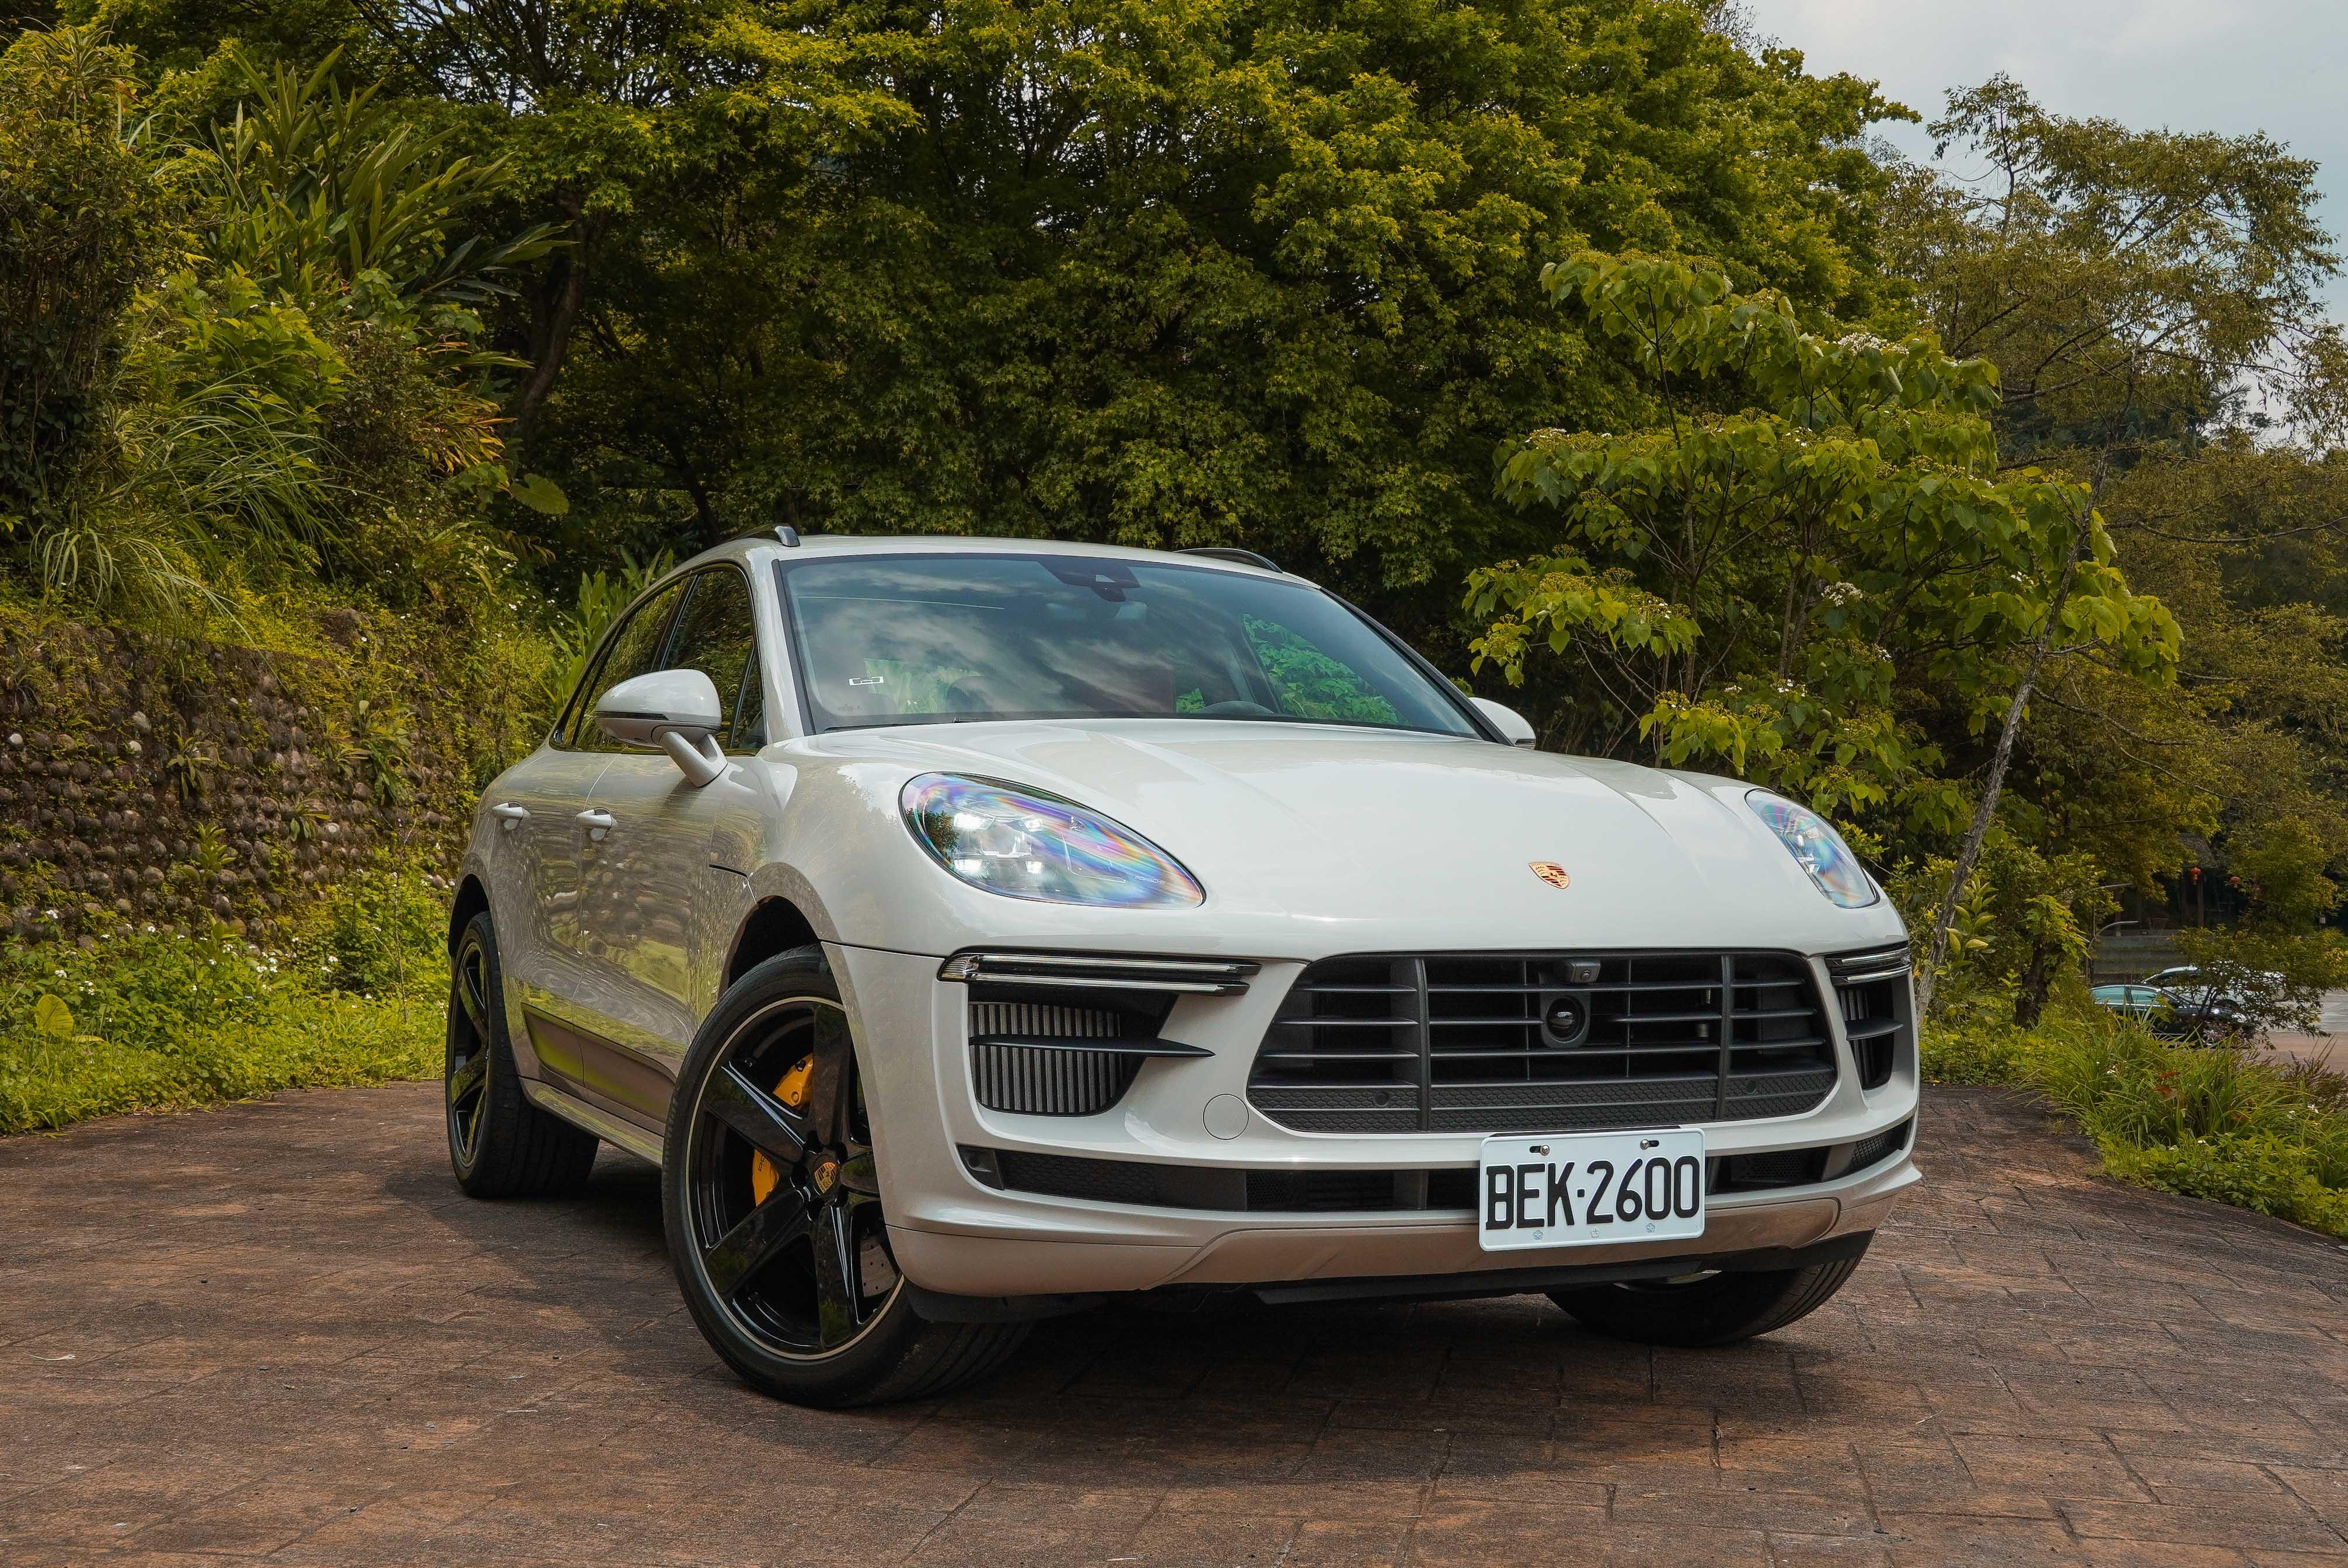 試駕車選配總價為 2,021,600 元。